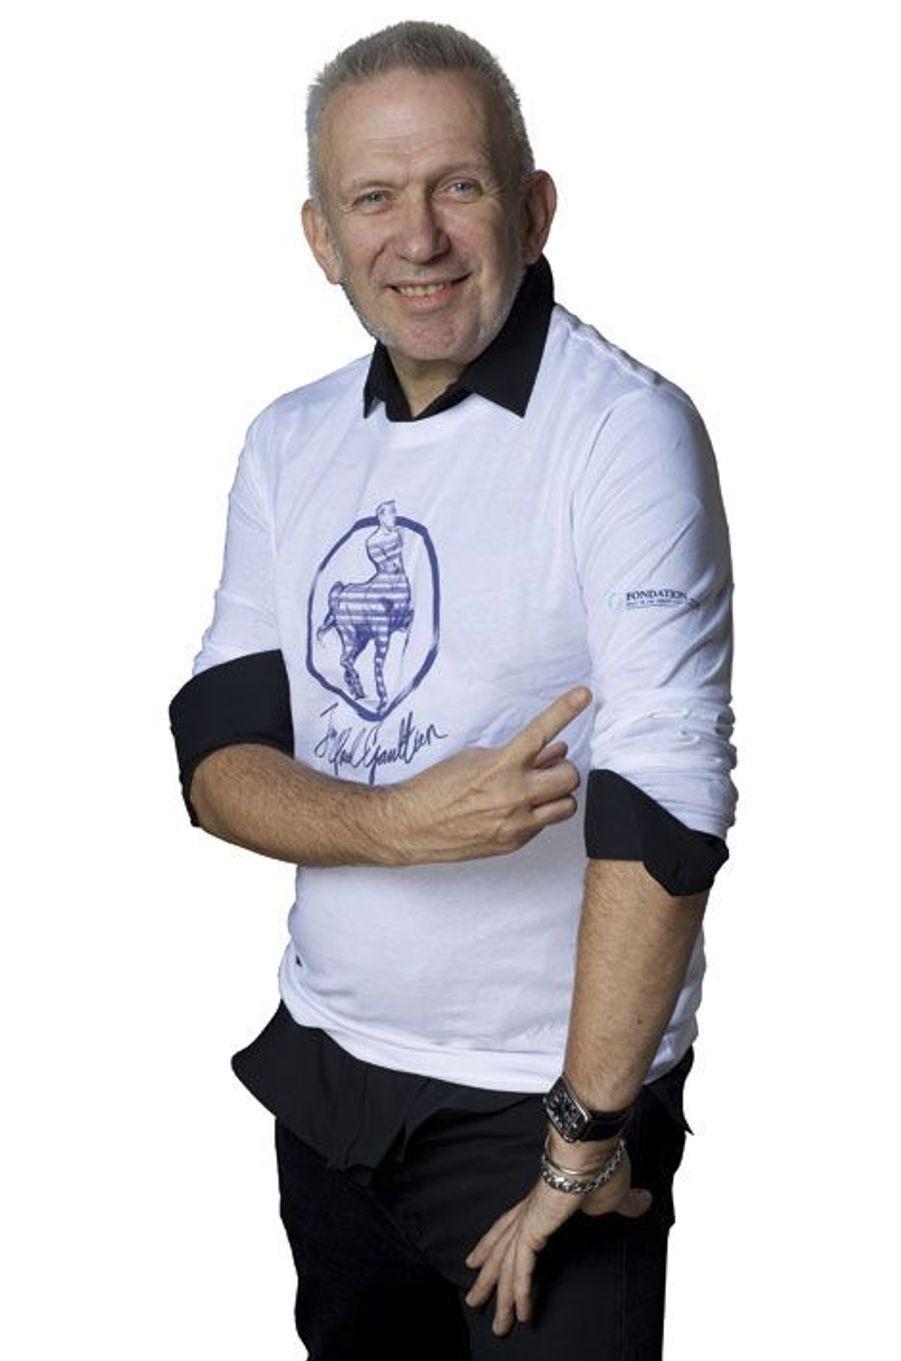 Avec la générosité qu'on lui connaît, et pour soutenir la fondation du Pr Khayat, Jean Paul Gaultier a créé un T-shirt collector à l'occasion du Grand Prix d'Amérique. Les profits de la vente seront intégralement reversés à Avec, l'Association pour la vie, espoir contre le cancer qui soutient les malades, leur famille et mène d'importants programmes de recherche depuis 1997. Prix: 30 € (modèles homme et femme), en vente sur www.letrot.com et dans les boutiques de l'hippodrome de Vincennes. Anne-Laure Le Gall